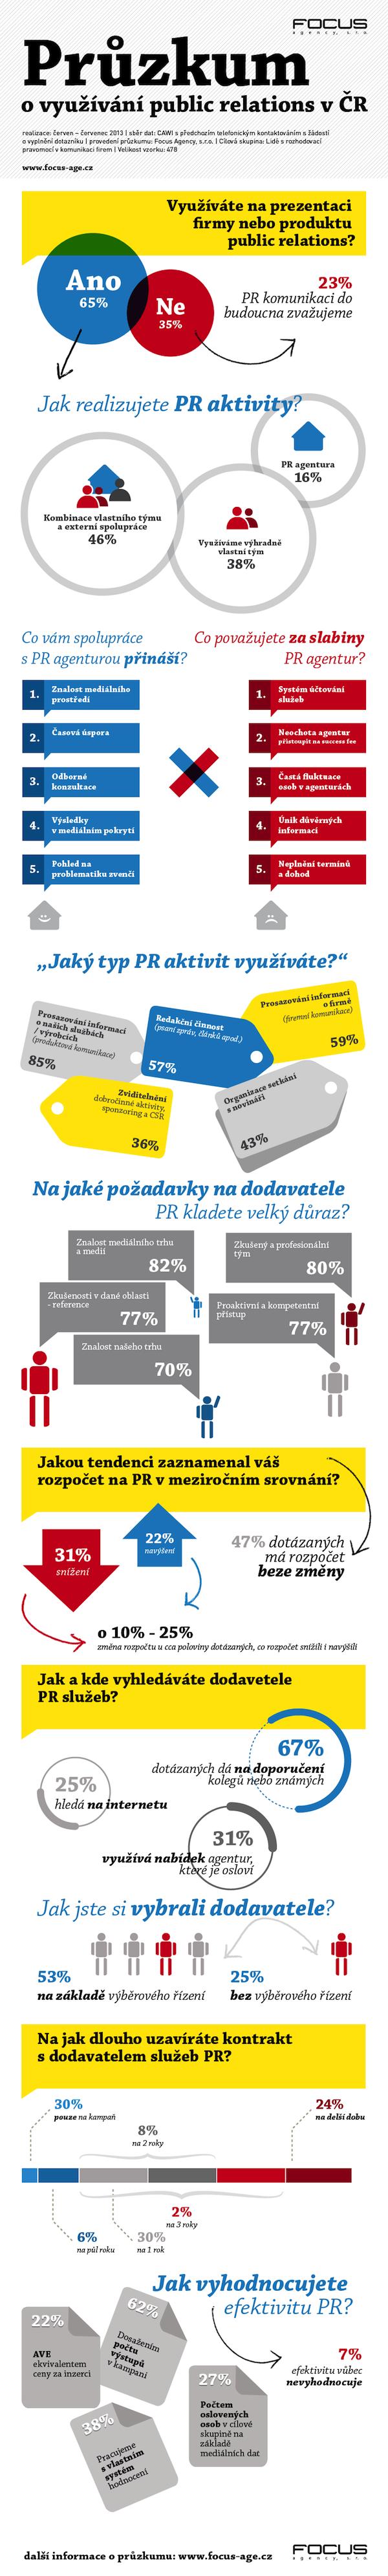 Průzkum využívání PR v Česku